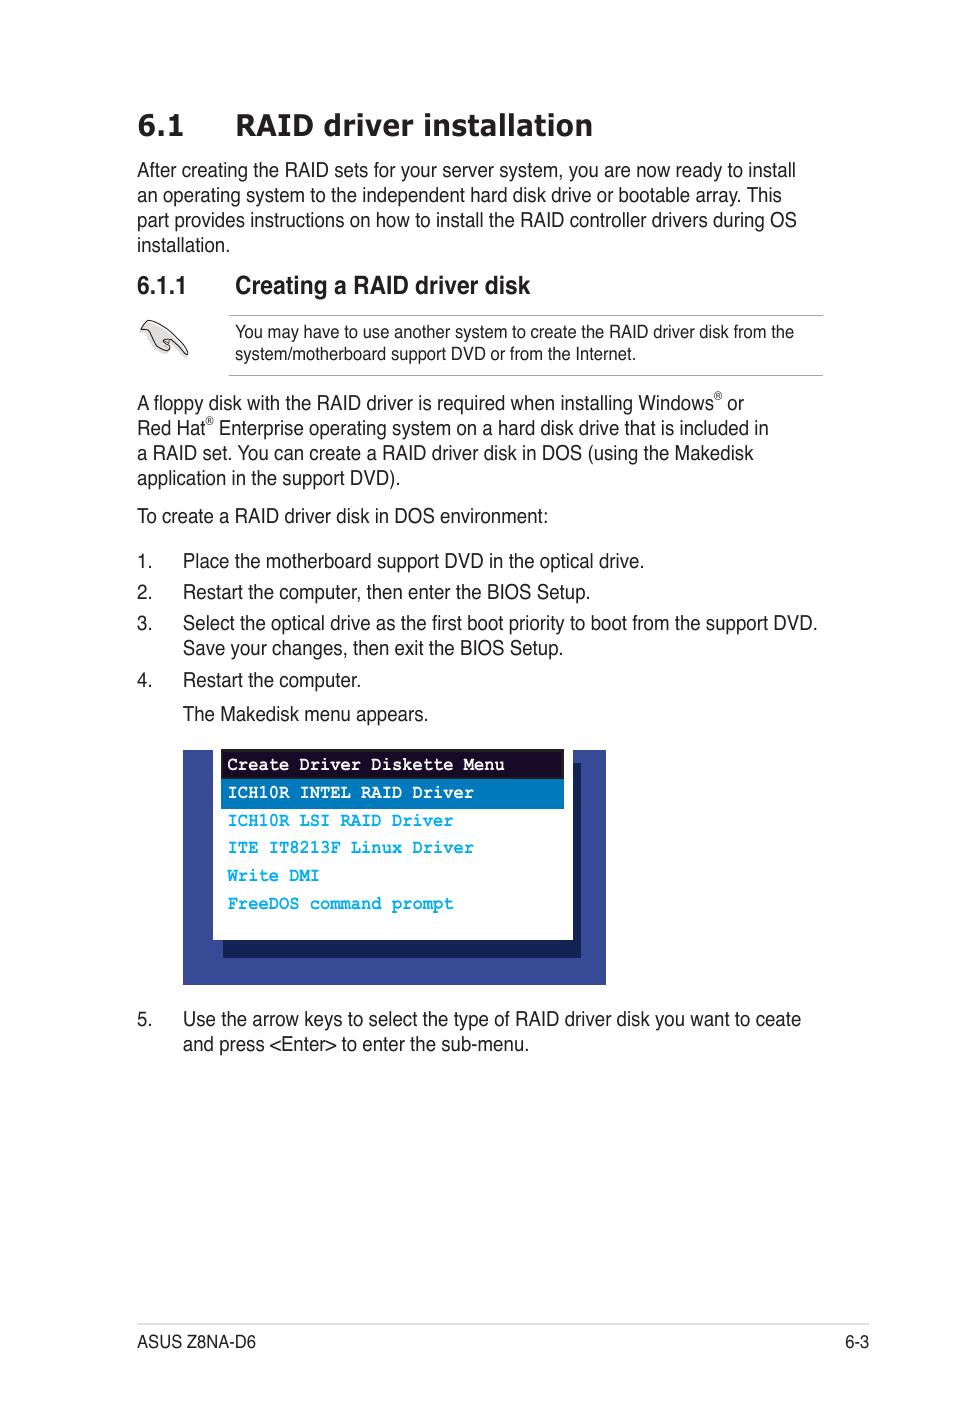 1 raid driver installation, 1 creating a raid driver disk | Asus